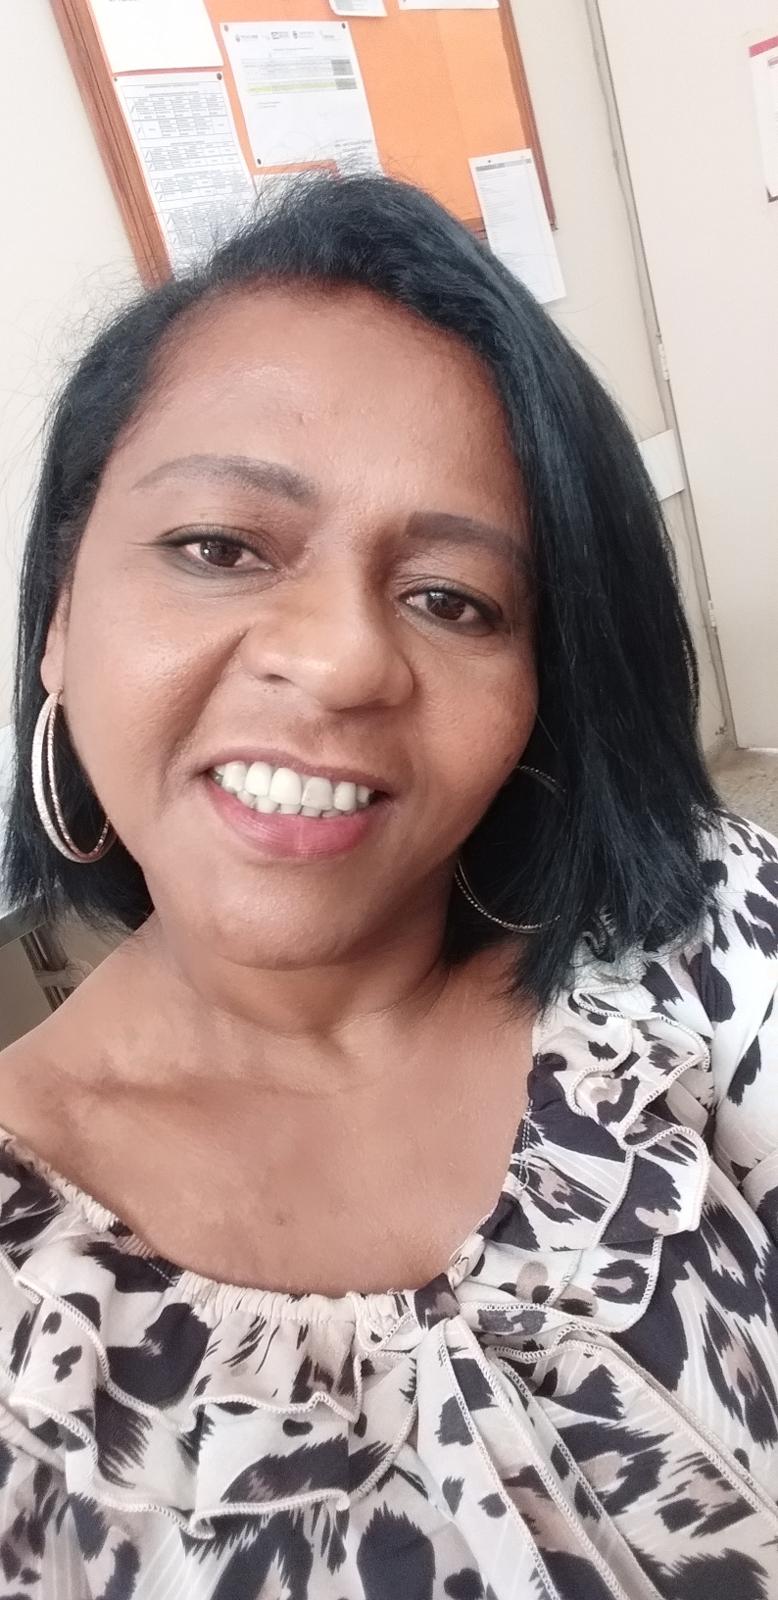 Josenita Miranda dos Santos Nunes